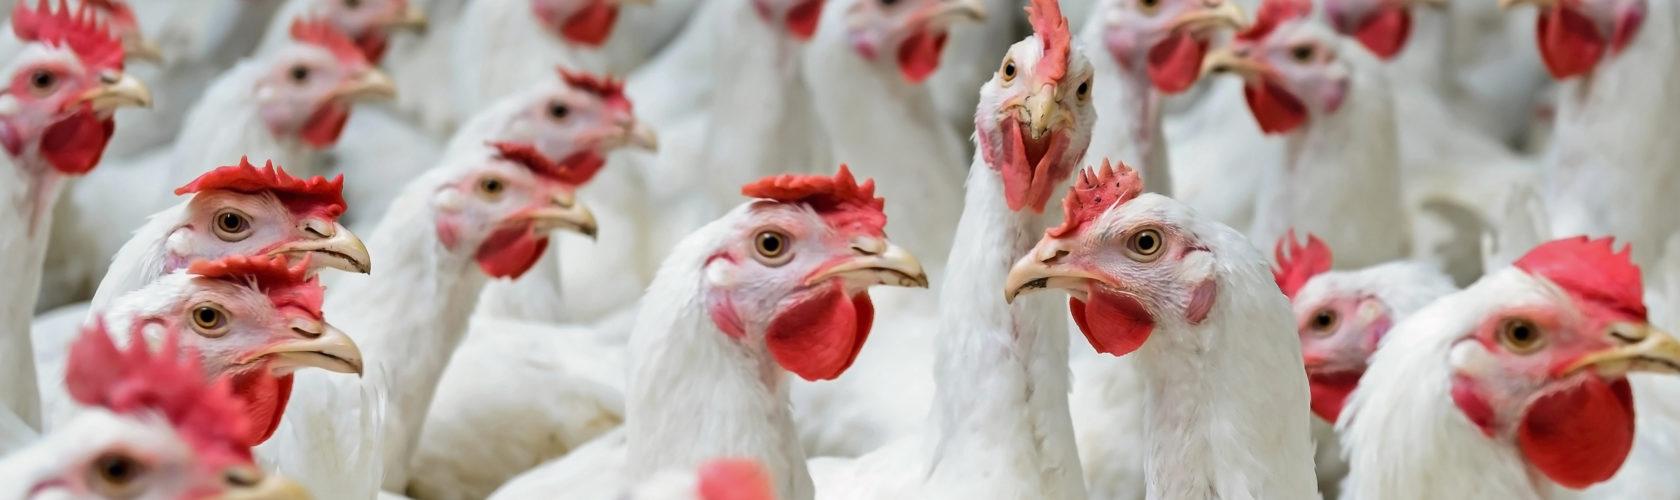 beeld kippen in de vee-industrie